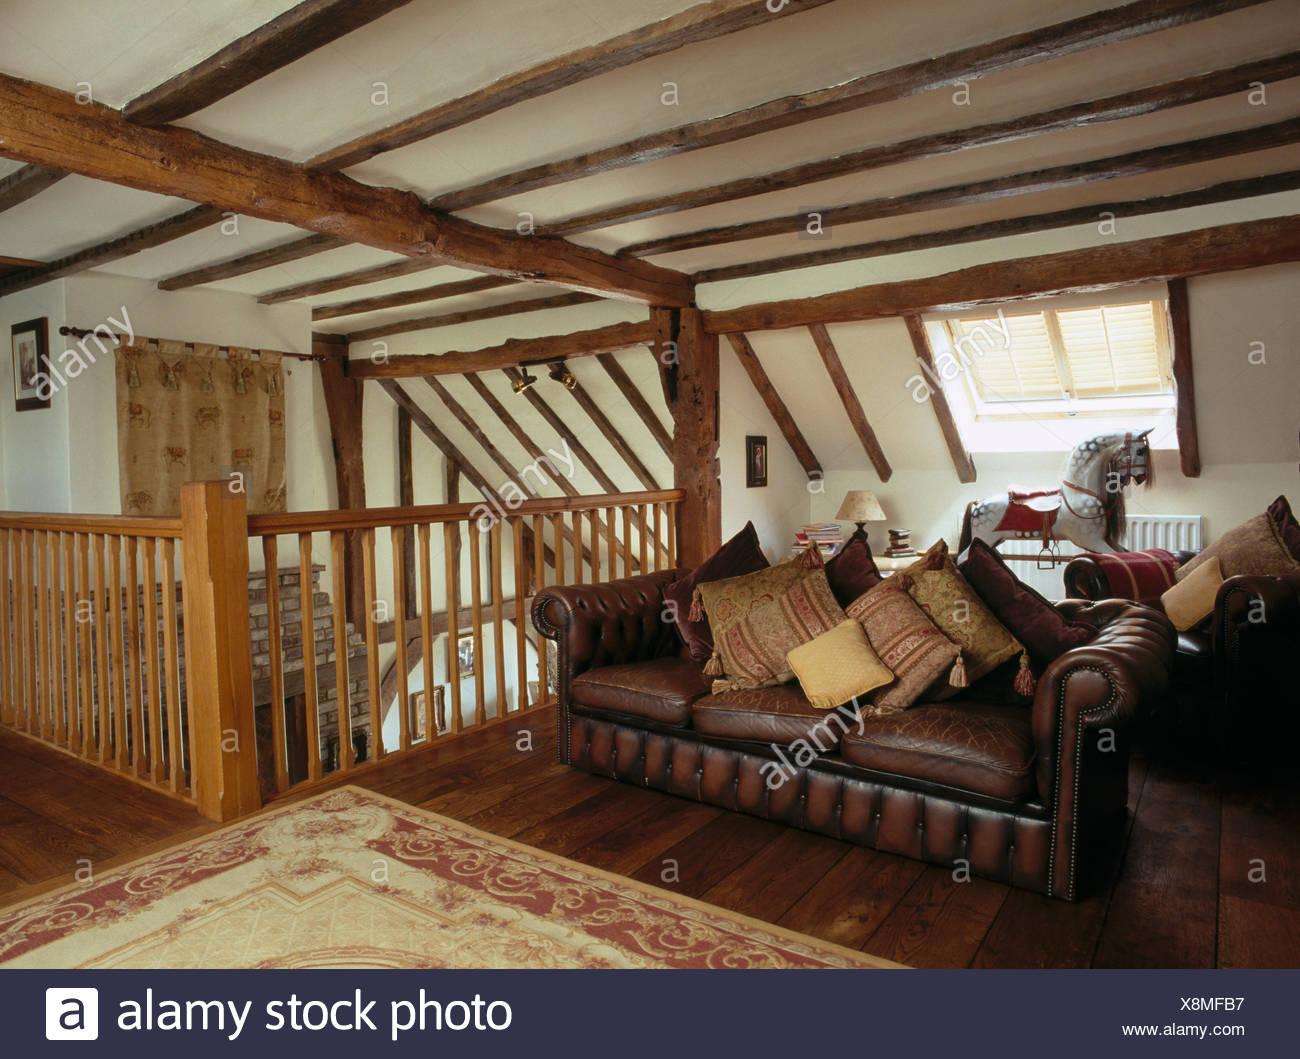 Kissen, Gestapelt Auf Braune Ledercouch Im Wohnzimmer Dachgeschoss Mit  Balkendecke